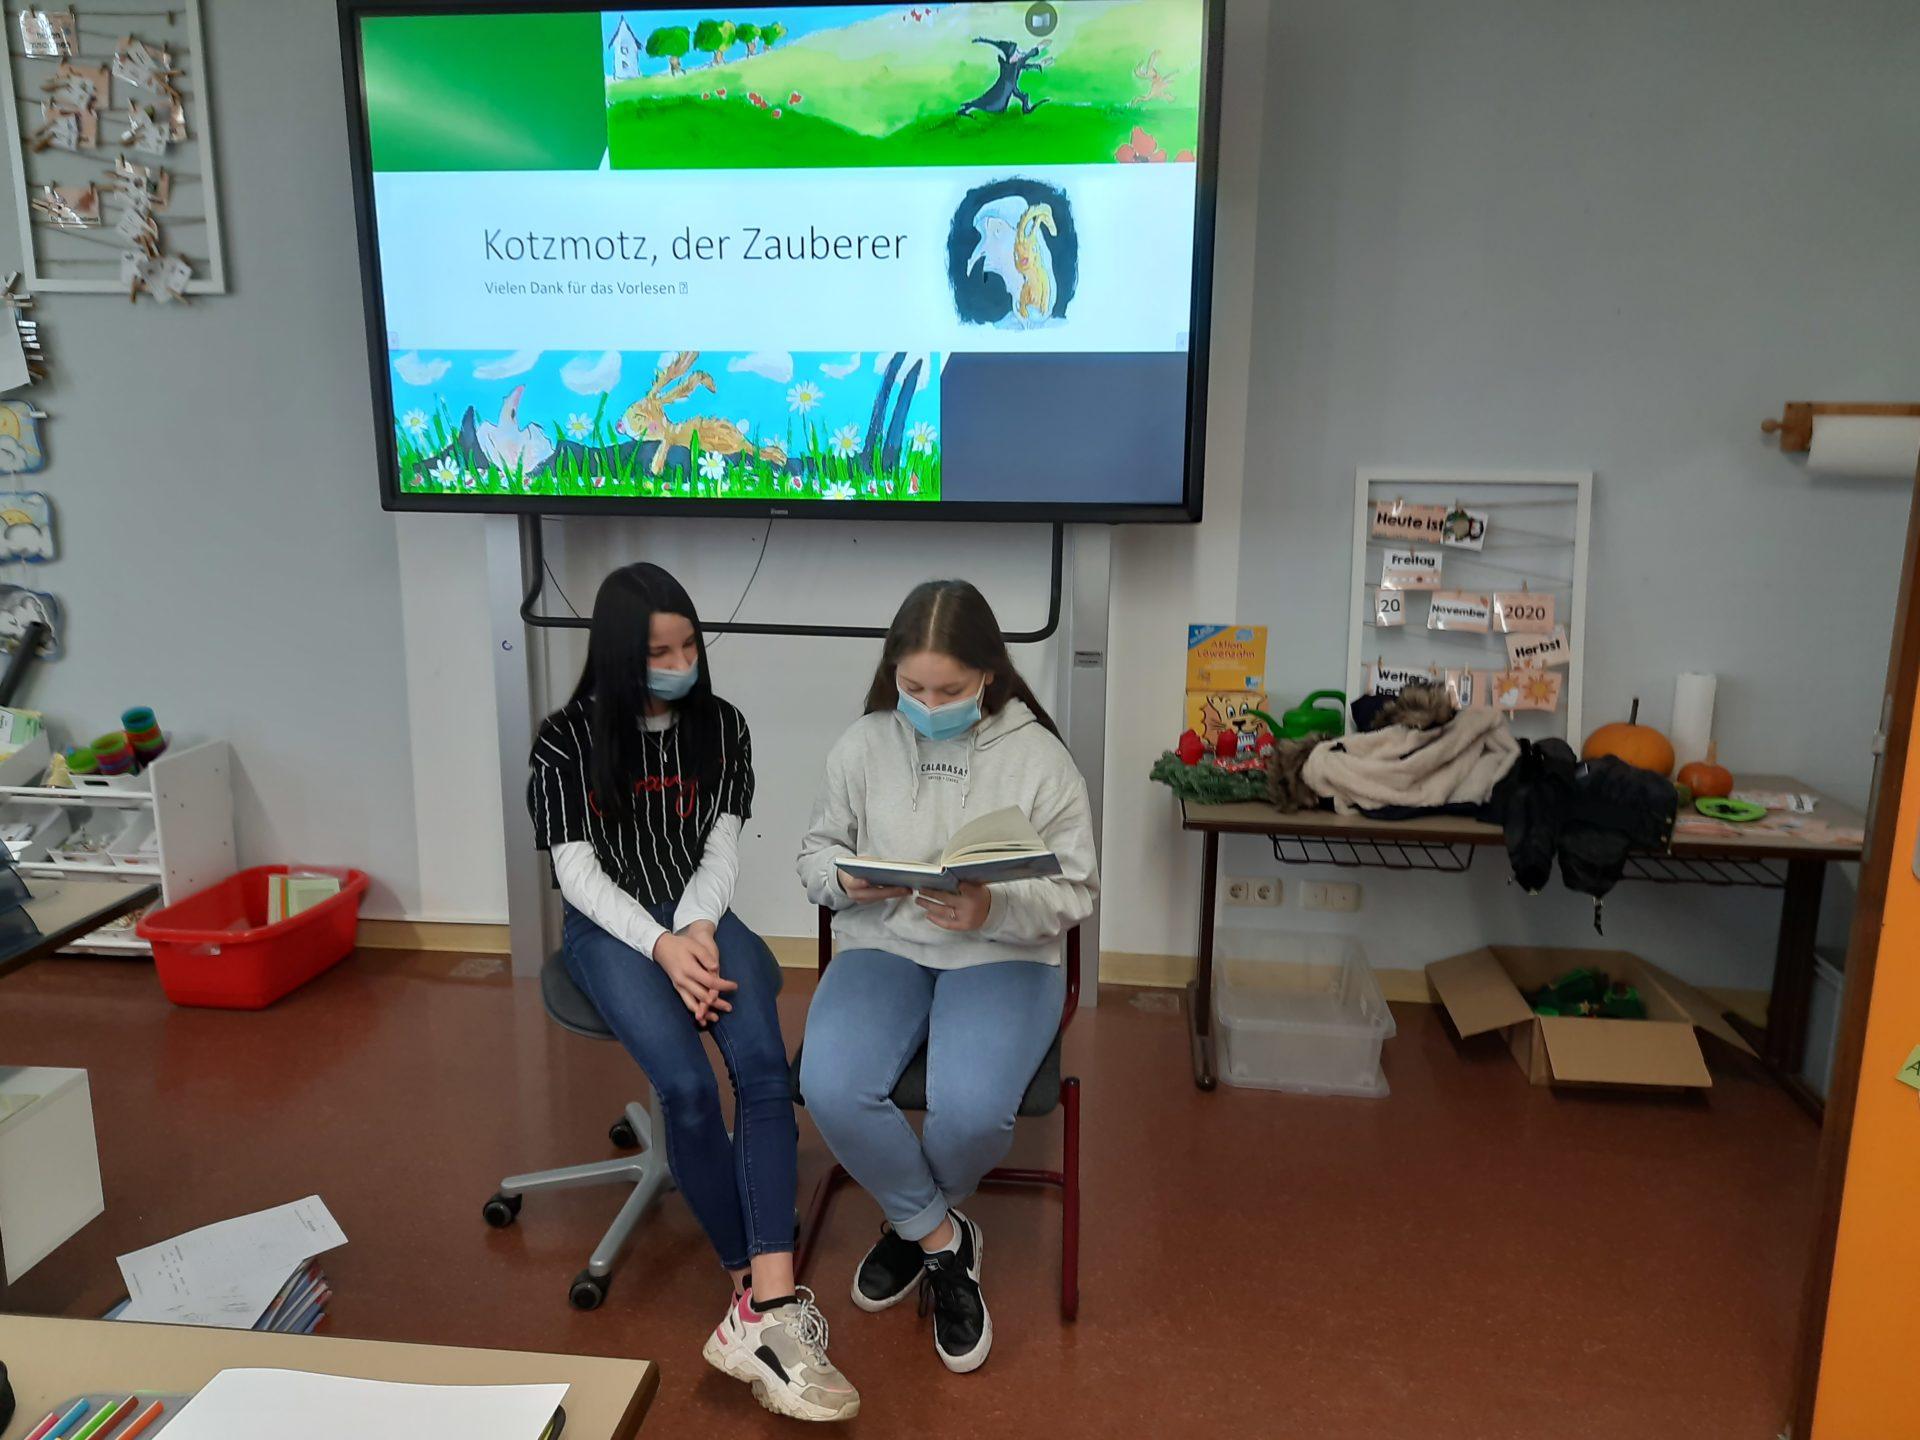 zwei Schülerinnen lesen ein Buch vor